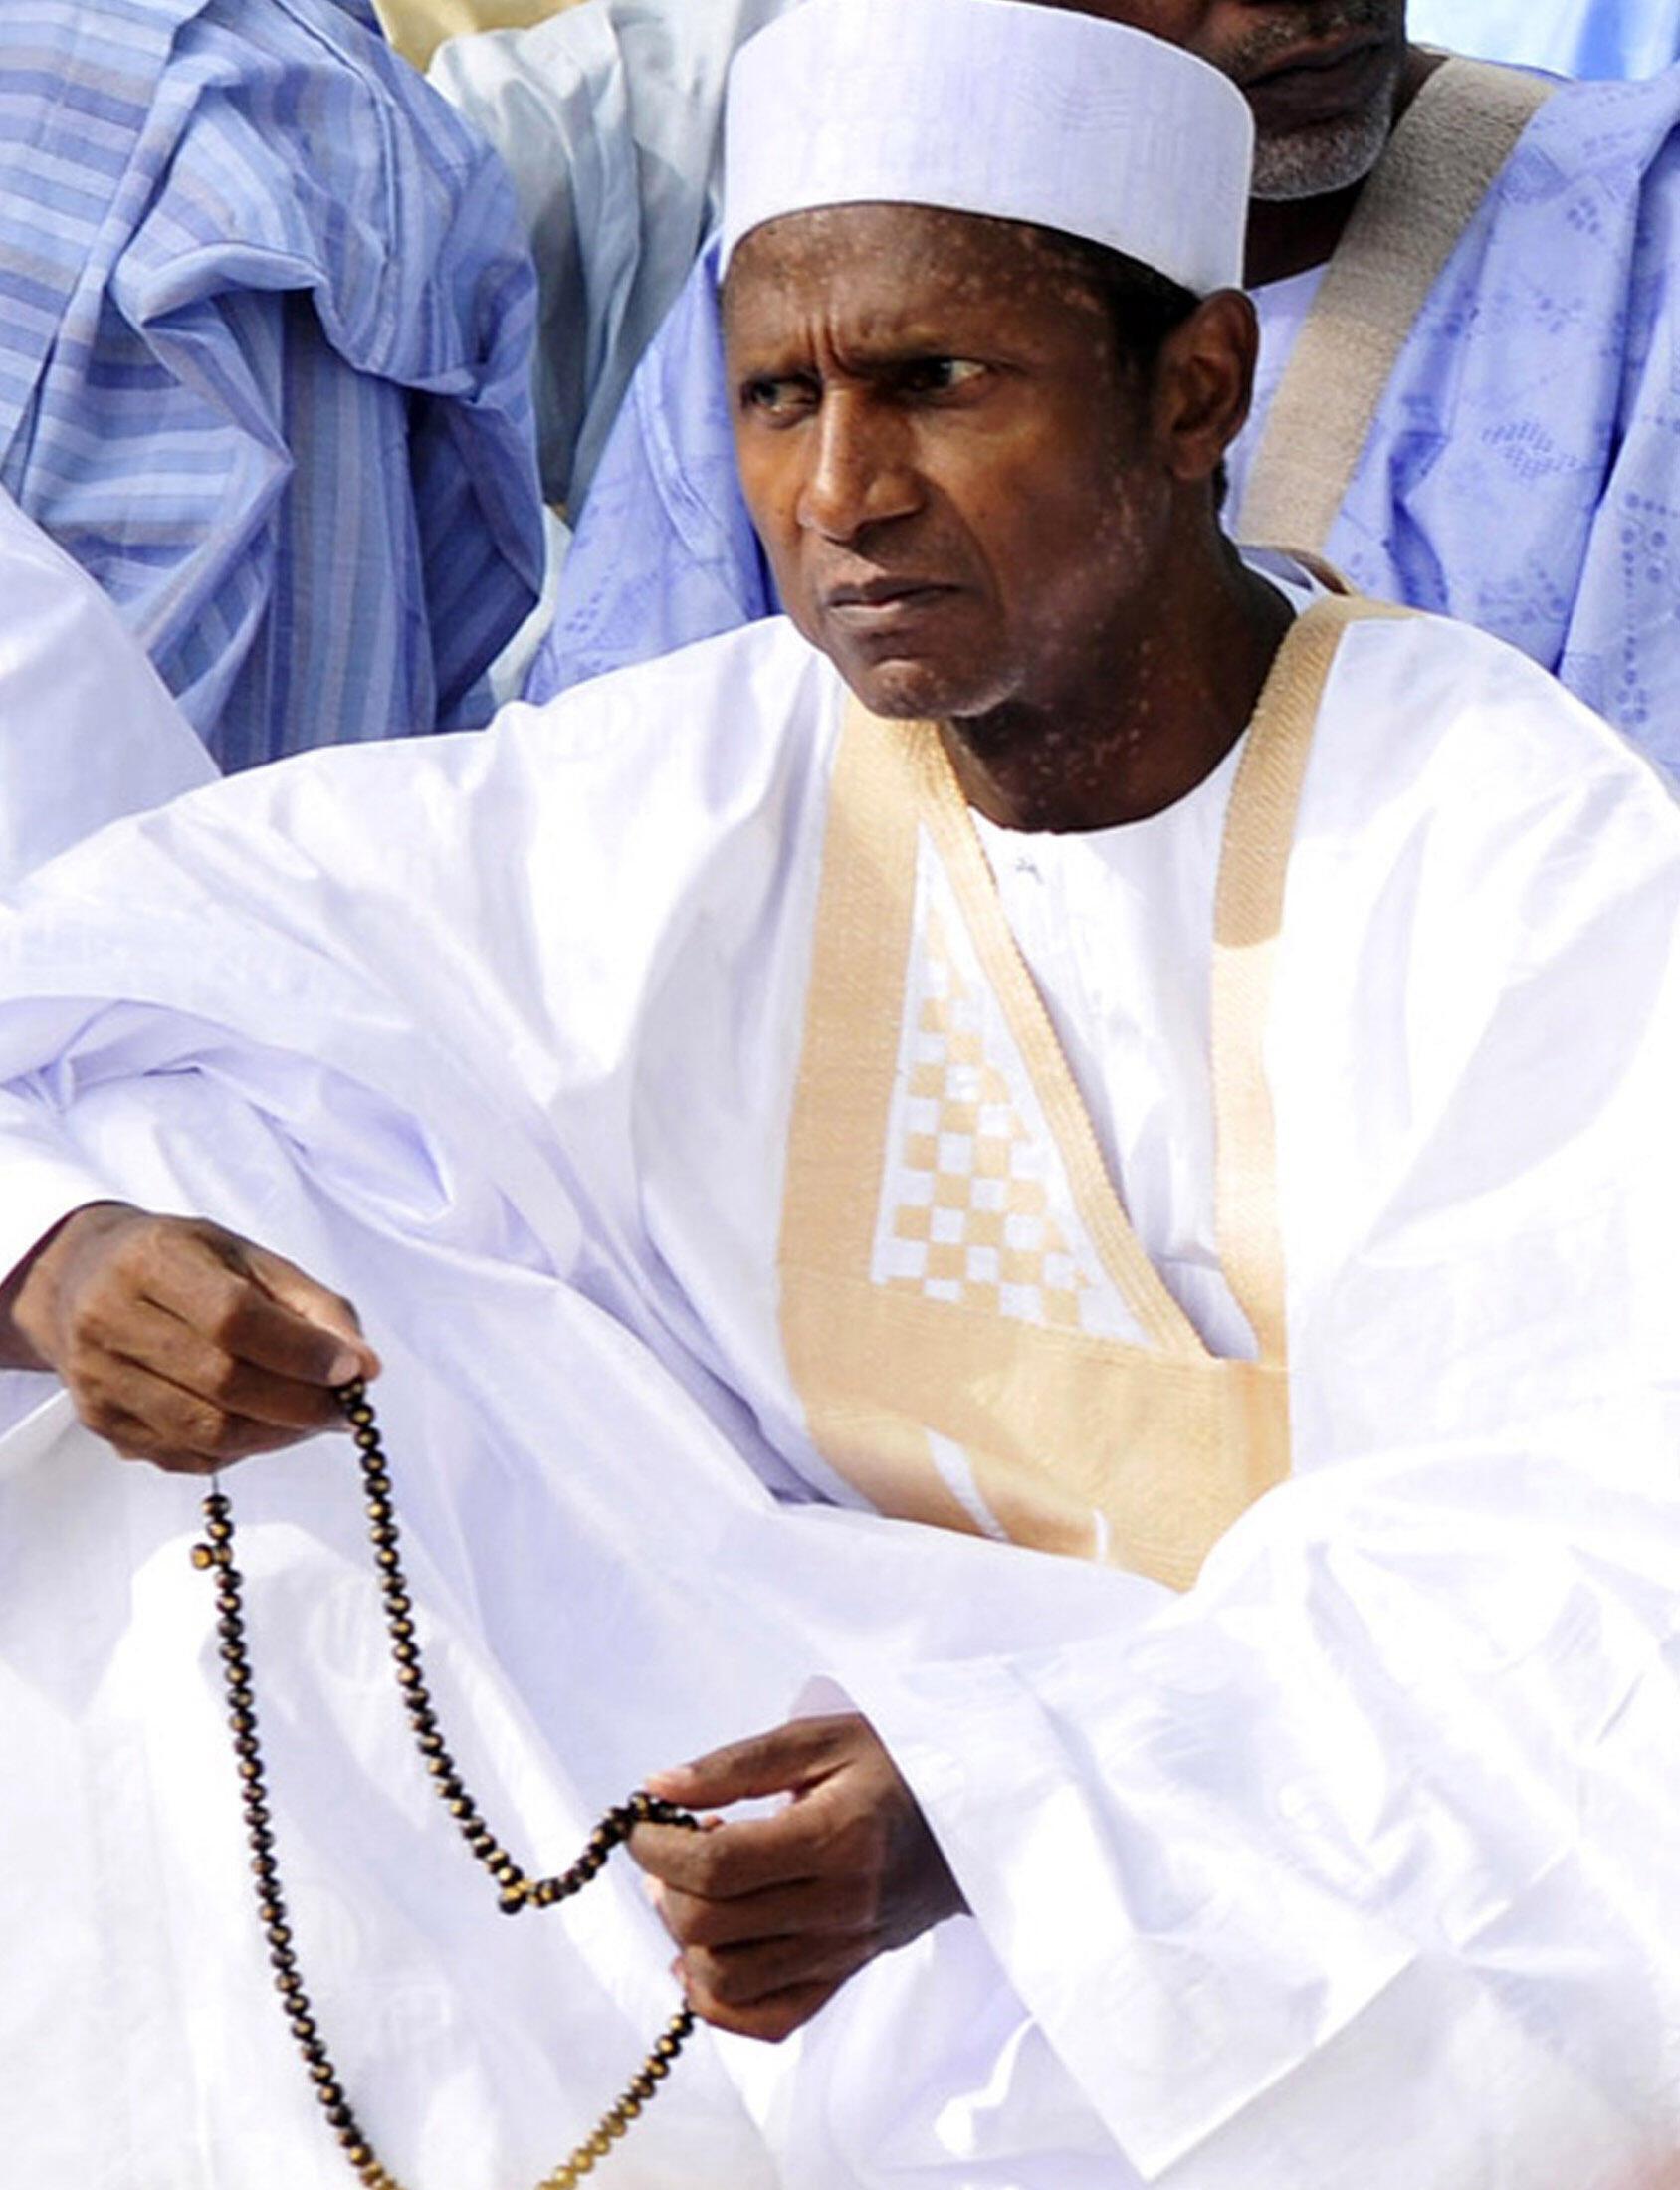 Le 26 septembre 2009, le président nigérian Umaru Yar'adua, participait à une prière à Abuja.